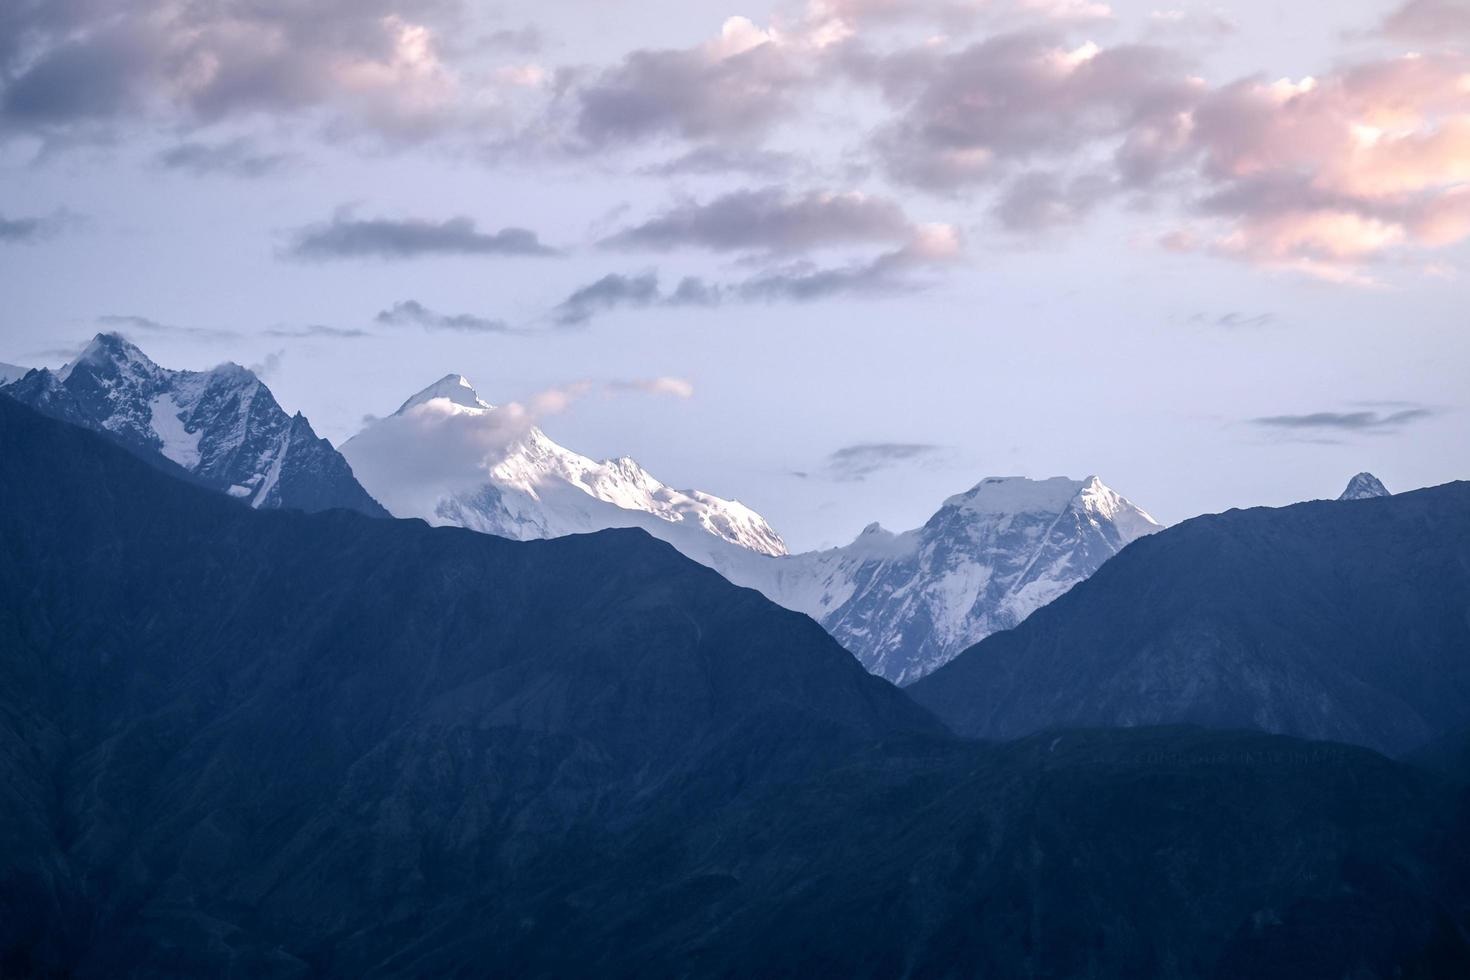 Lever du soleil sur la chaîne de montagnes enneigées du Karakoram, au Pakistan photo